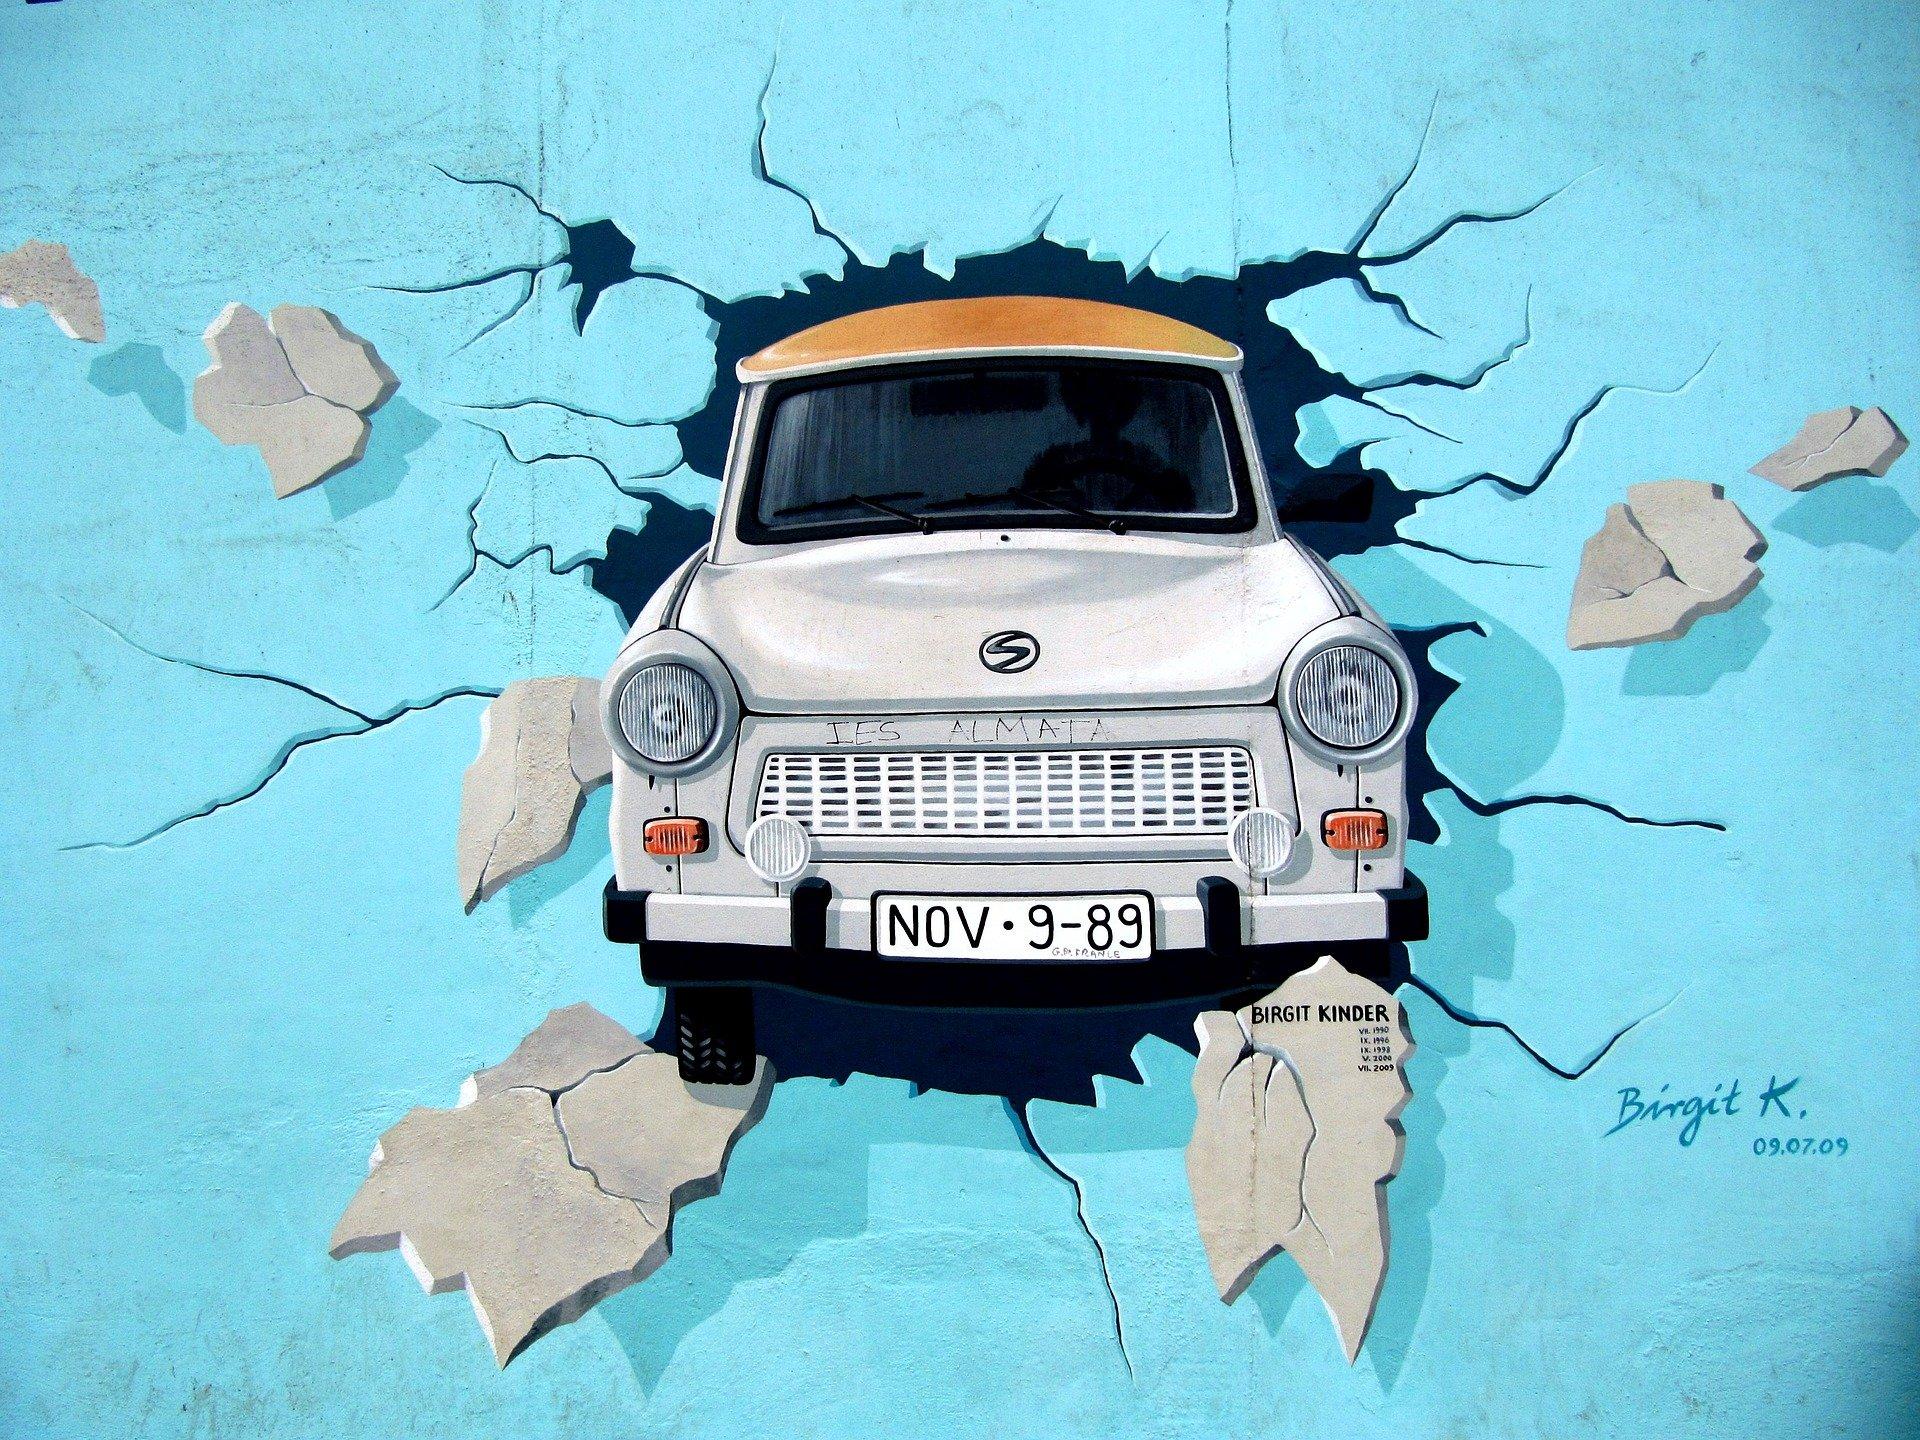 mur berliński, samochód, graffiti